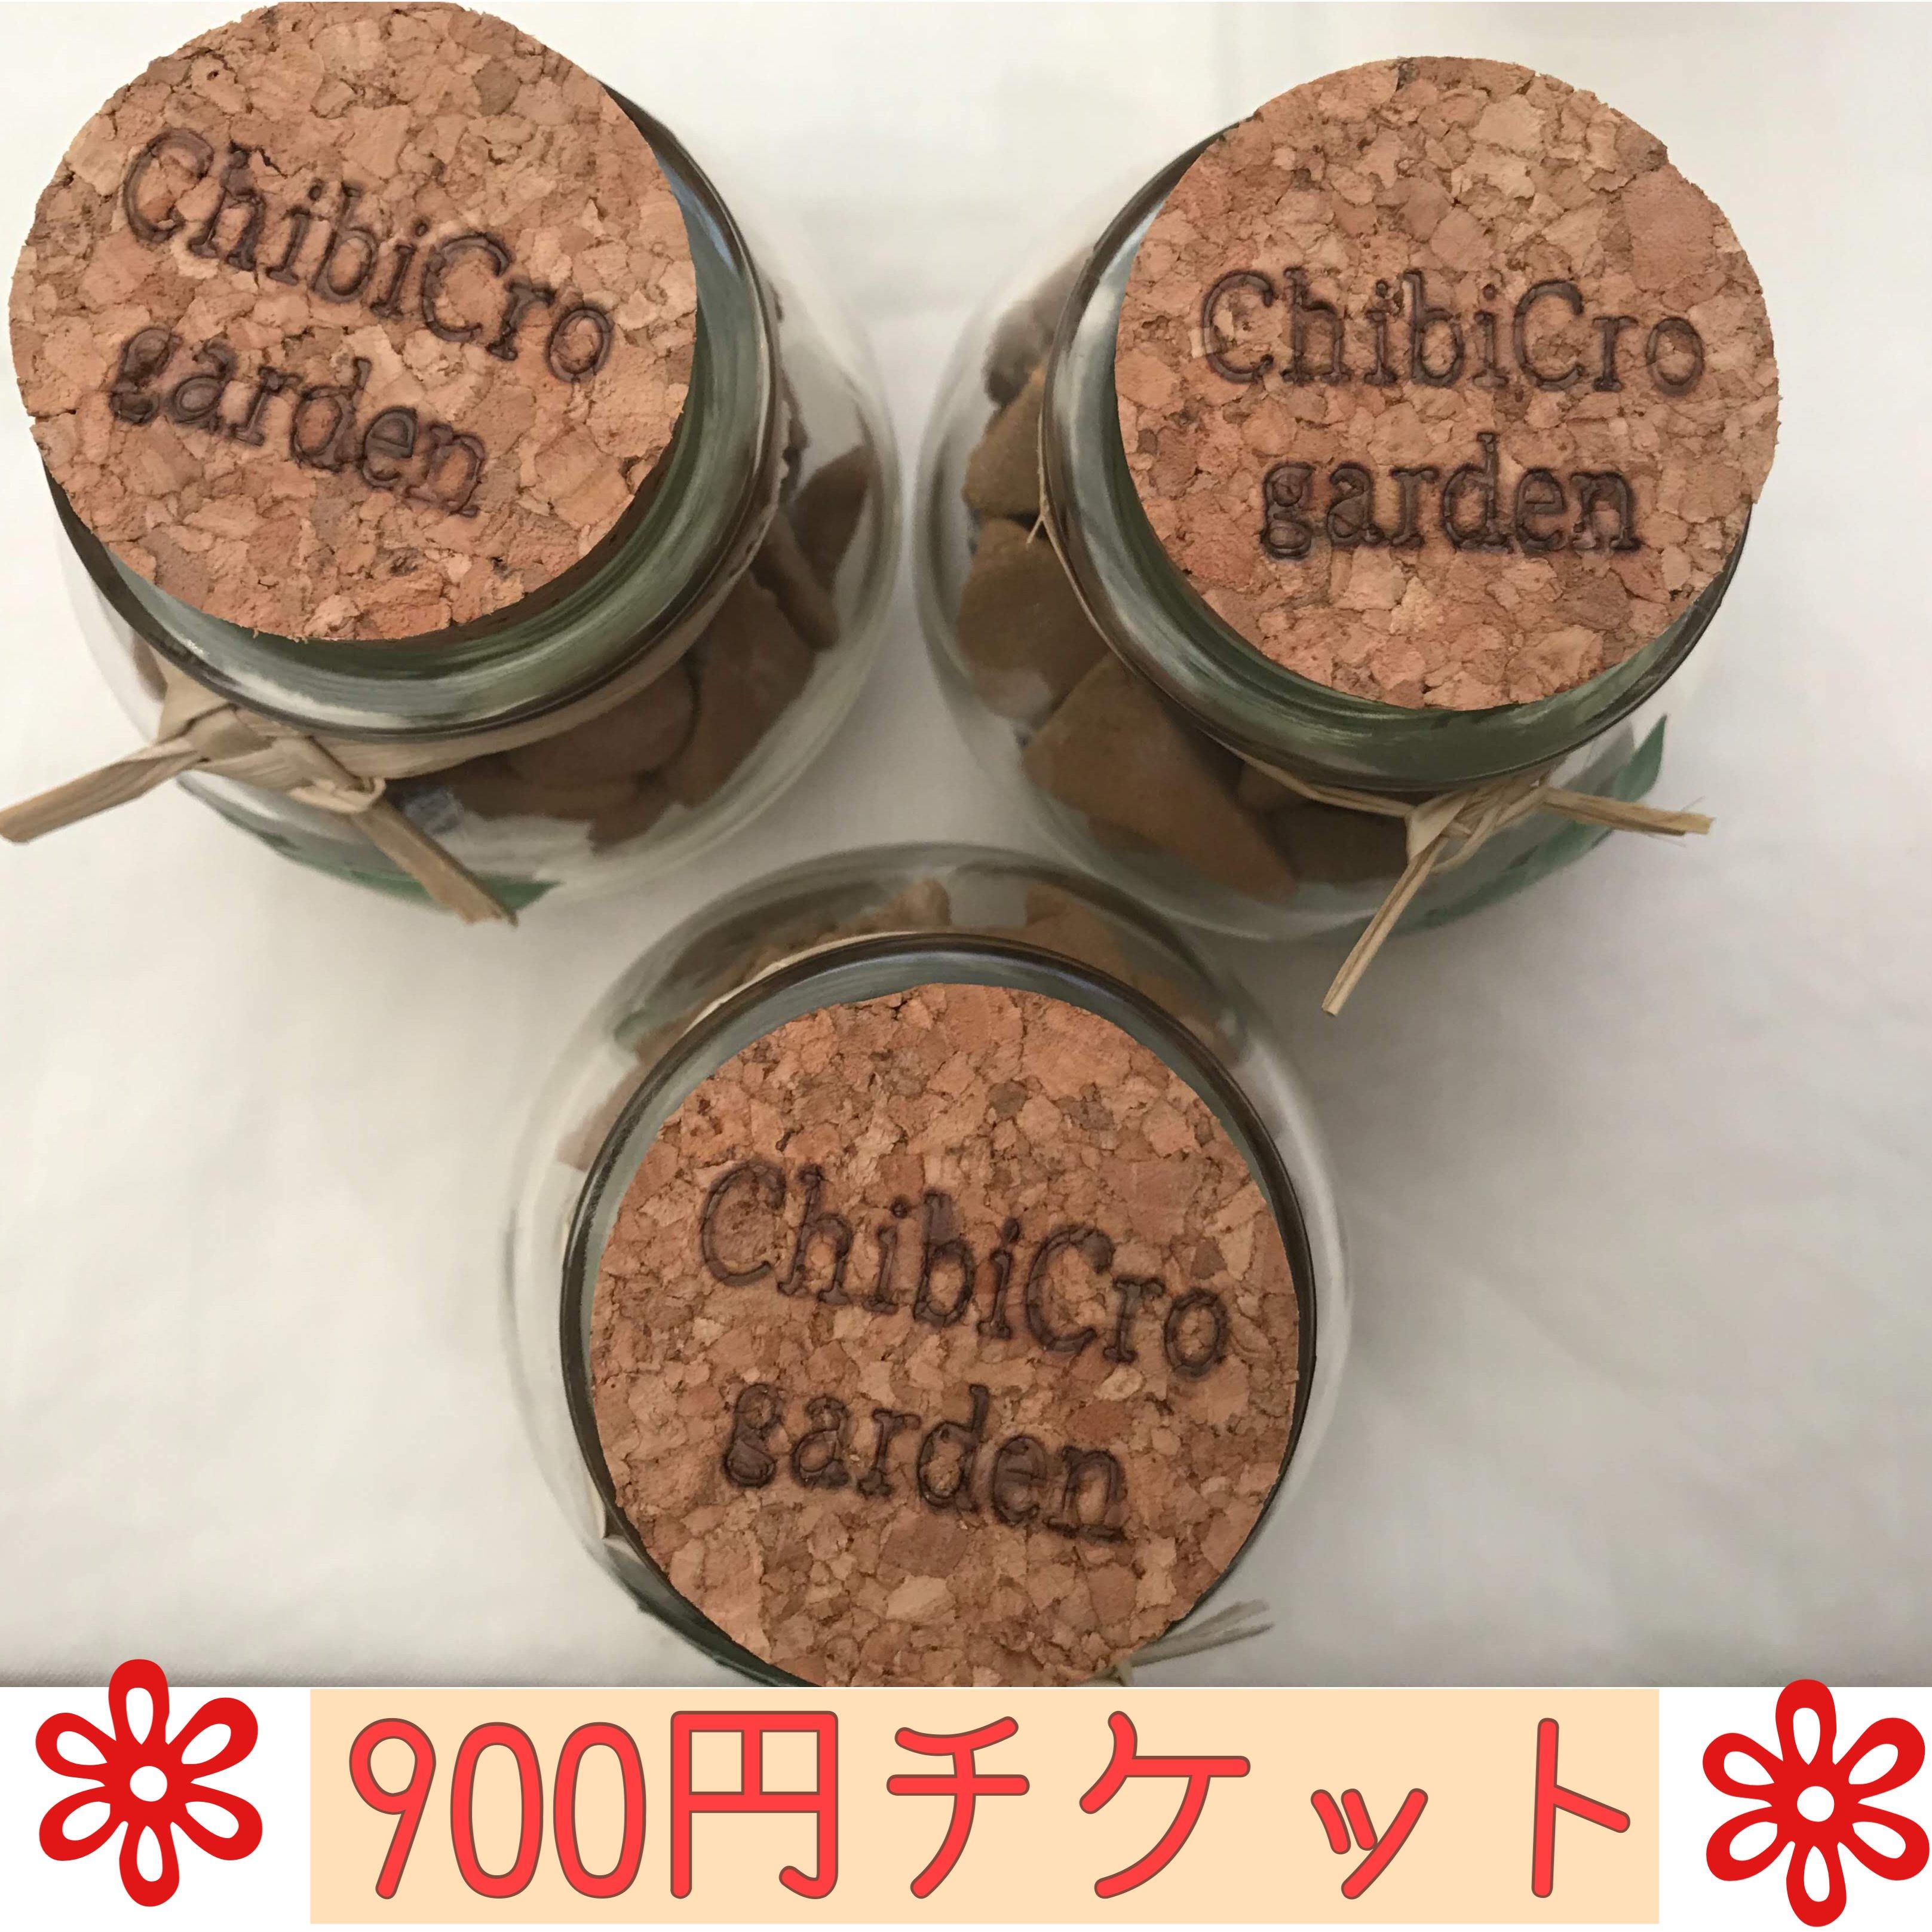 ChibiCroで何でも使える900円チケットのイメージその1